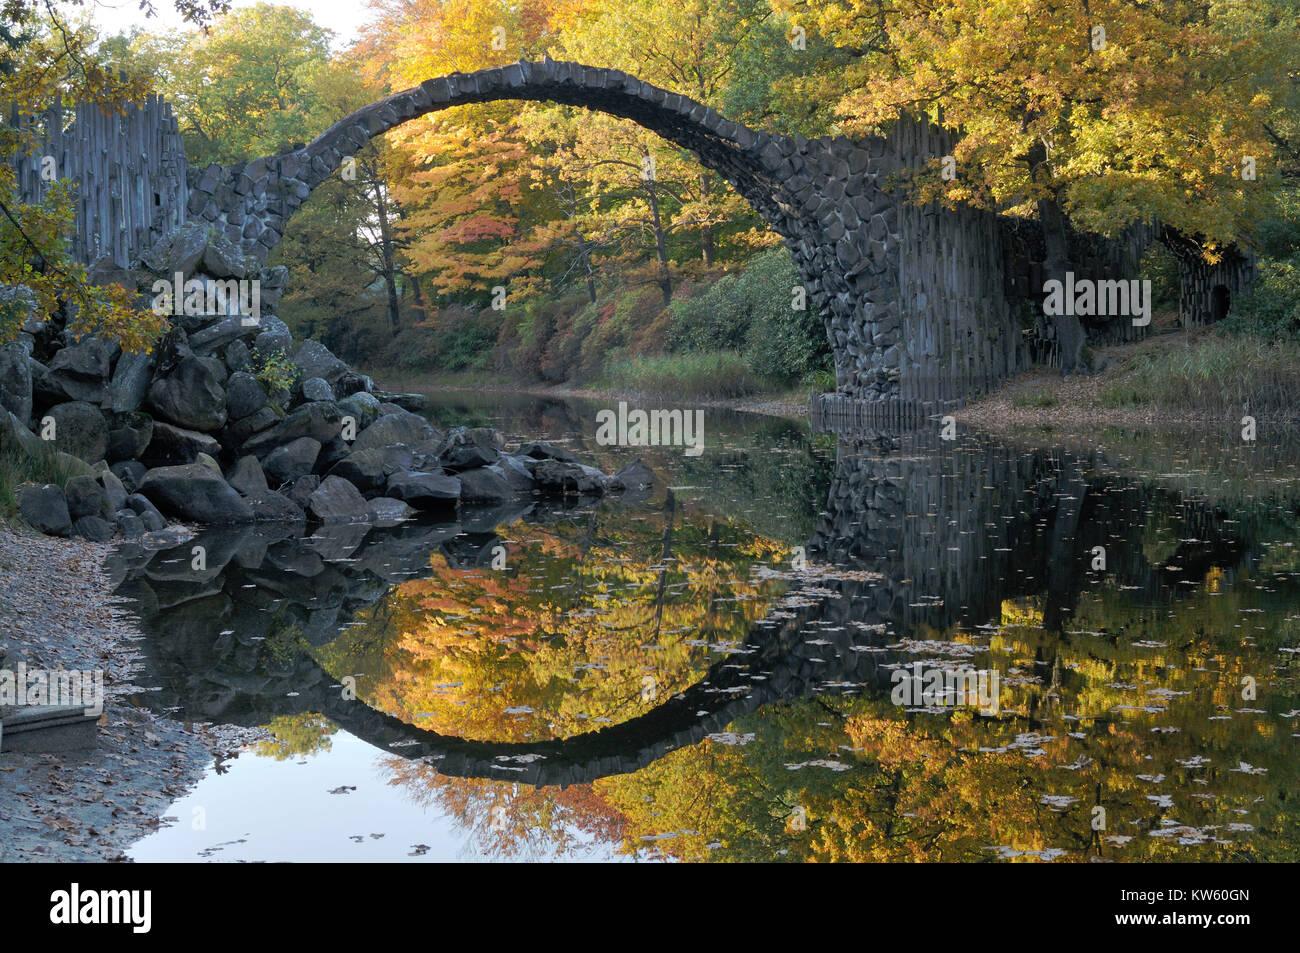 Scenery park Kromlau, Landschaftspark Kromlau - Stock Image